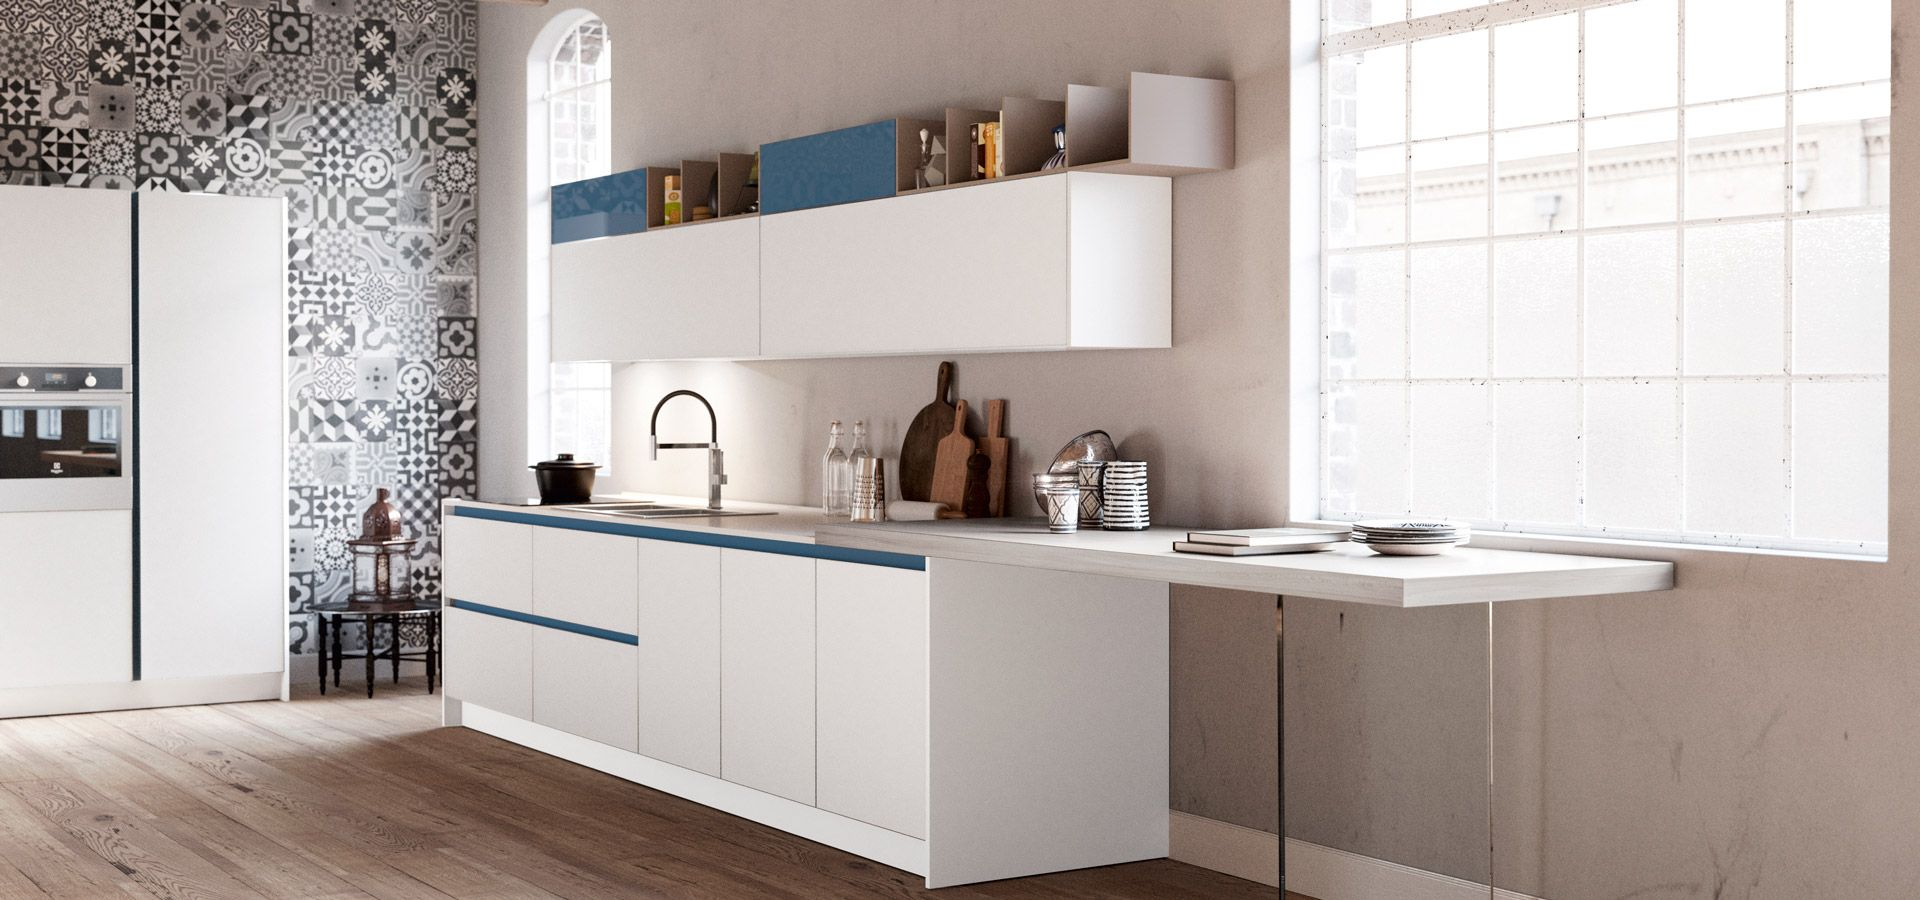 Cucina Moderna - GLASS Finitura Bianco Opaco | Gola laccata Denim ...